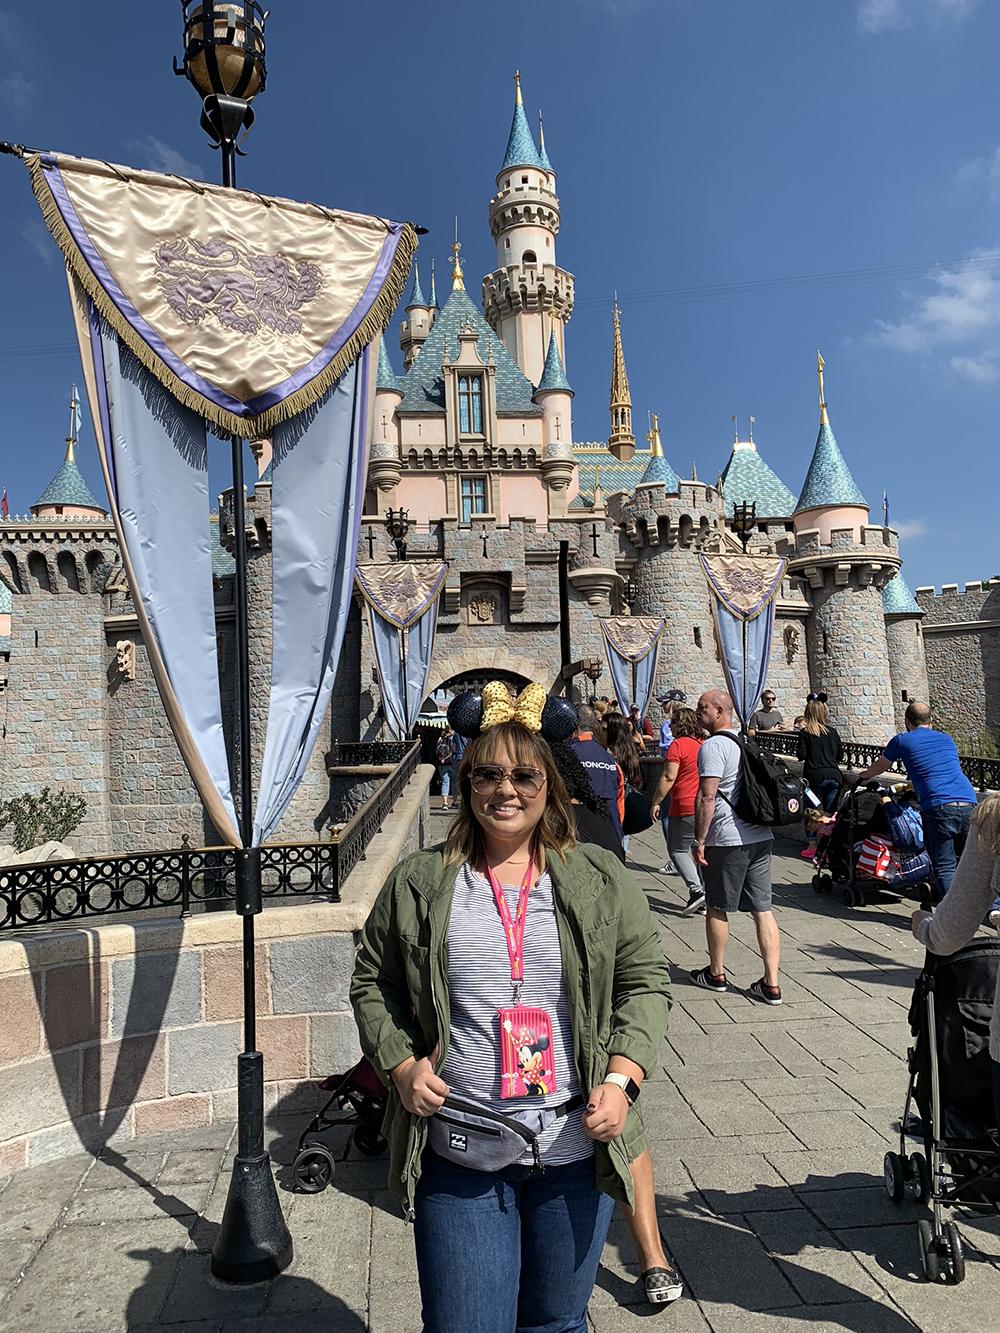 10/08/18 — In front of Sleeping Beauty's castle!